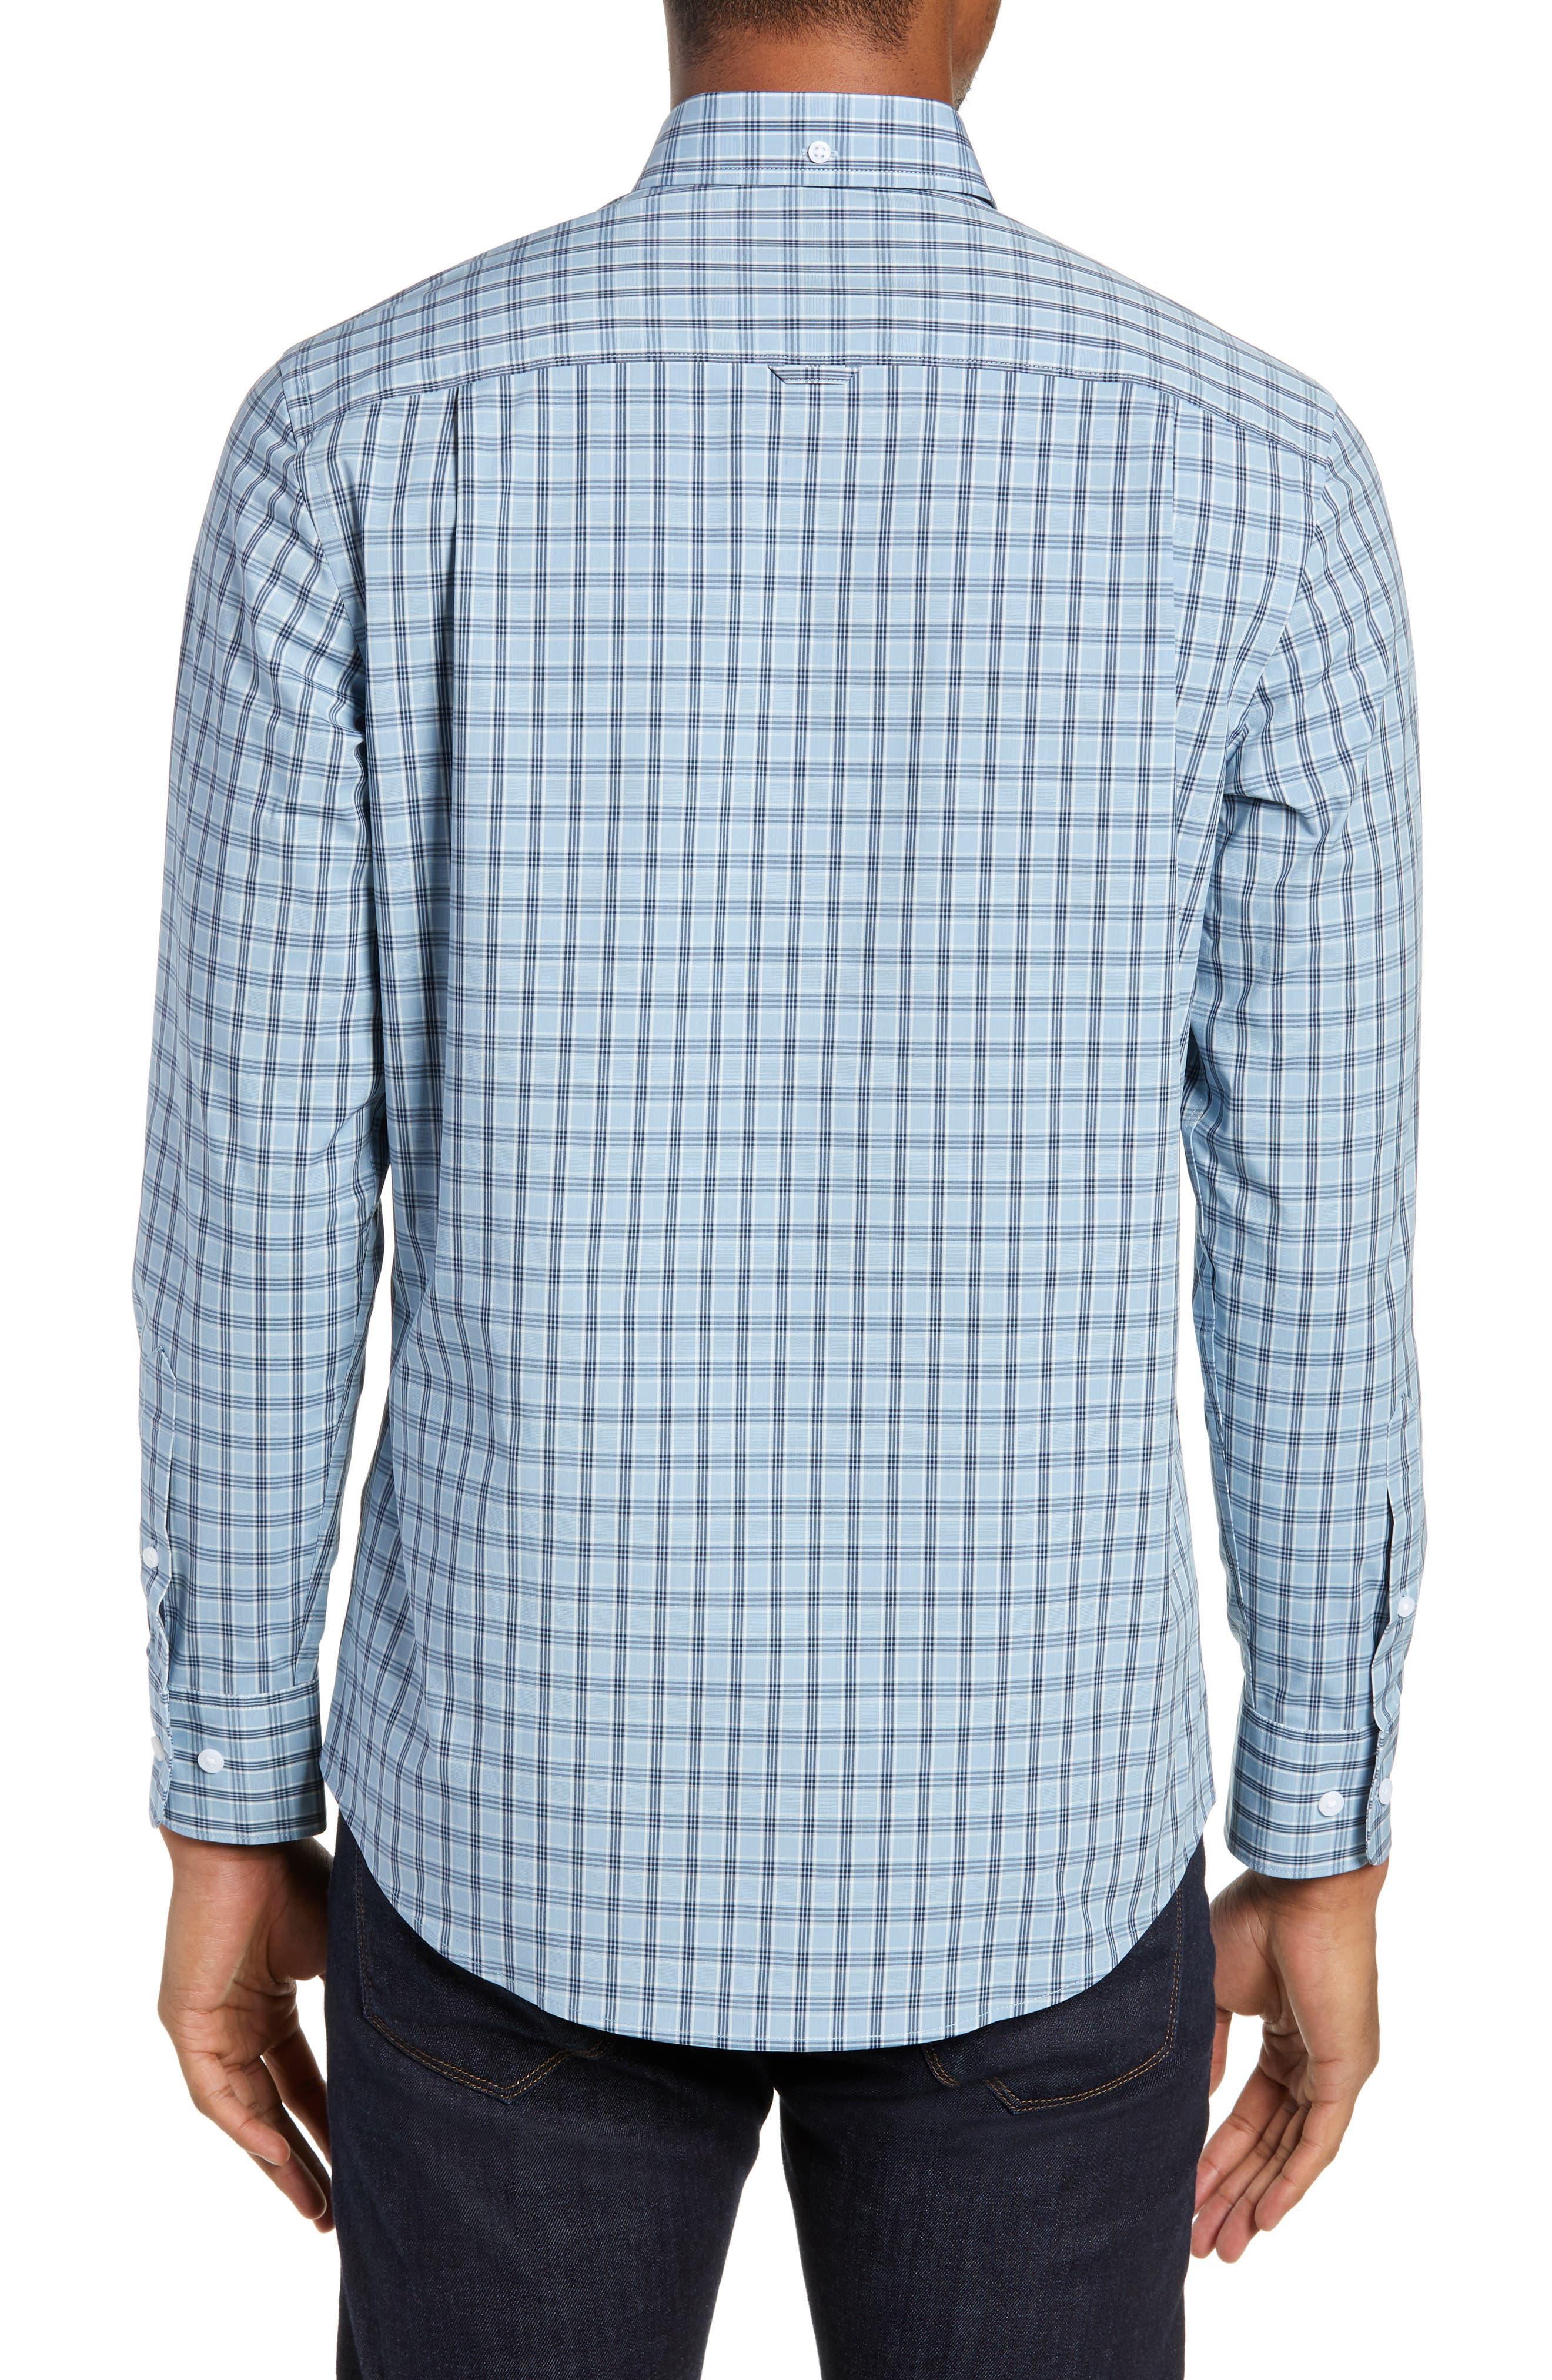 Tech-Smart Slim Fit Plaid Sport Shirt,                             Alternate thumbnail 3, color,                             BLUE HEAVEN HEATHER CHECK